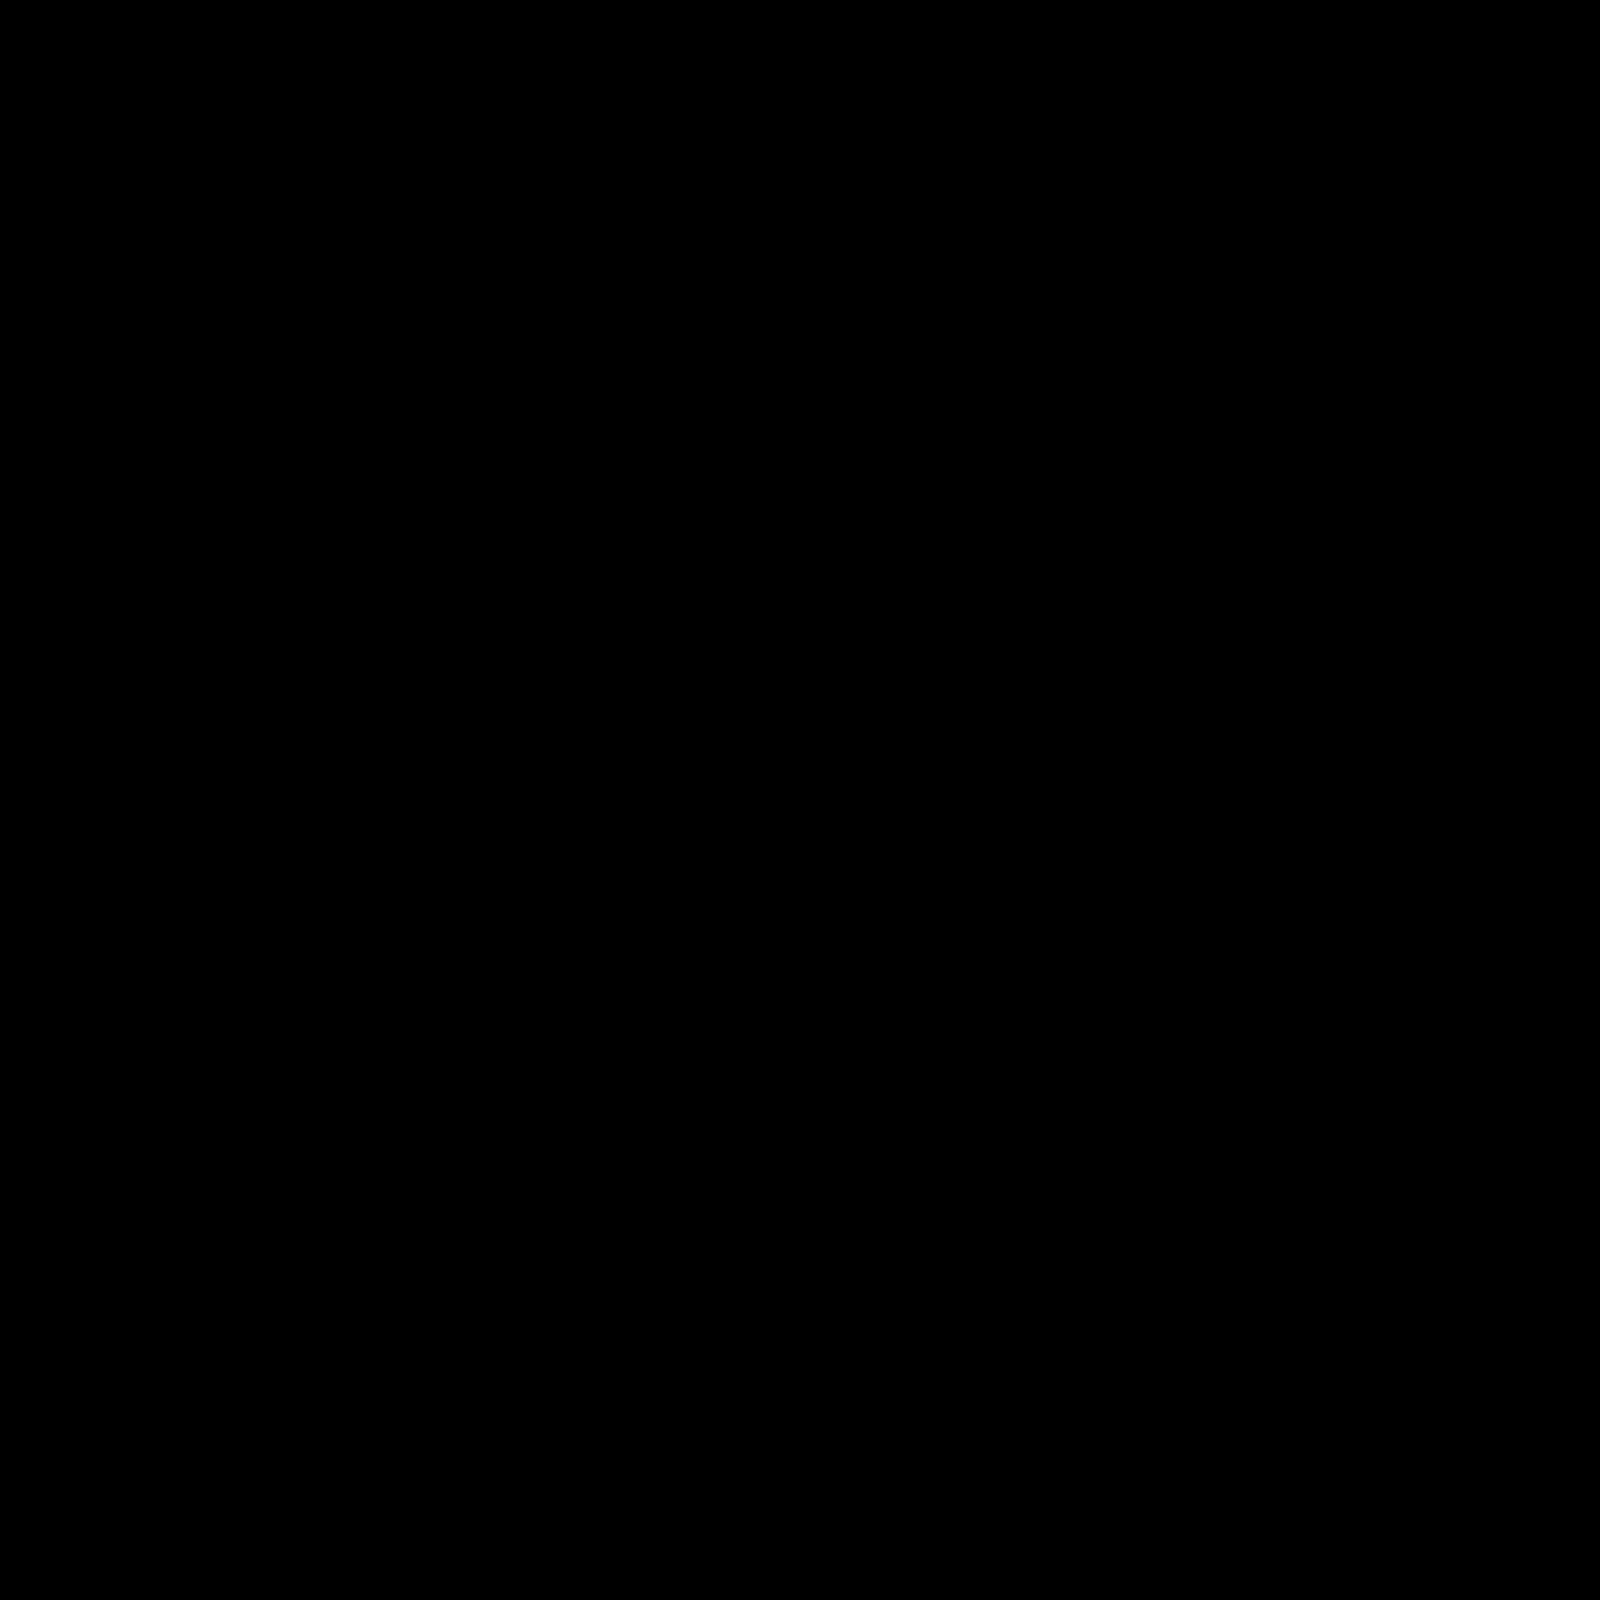 Clipart birds kiwi. Bird filled icon free